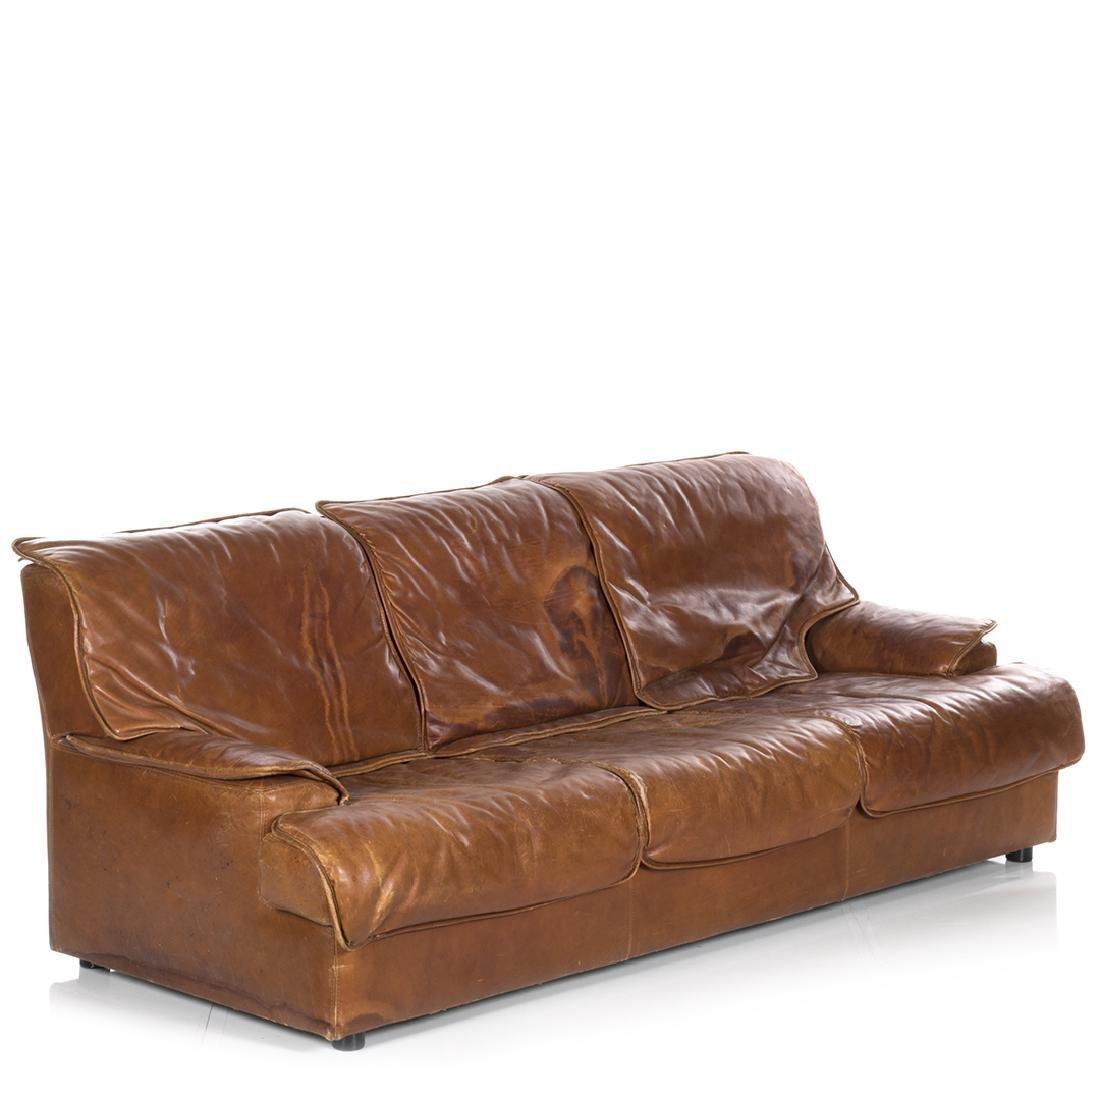 Saporiti Style Leather Sofa - 2